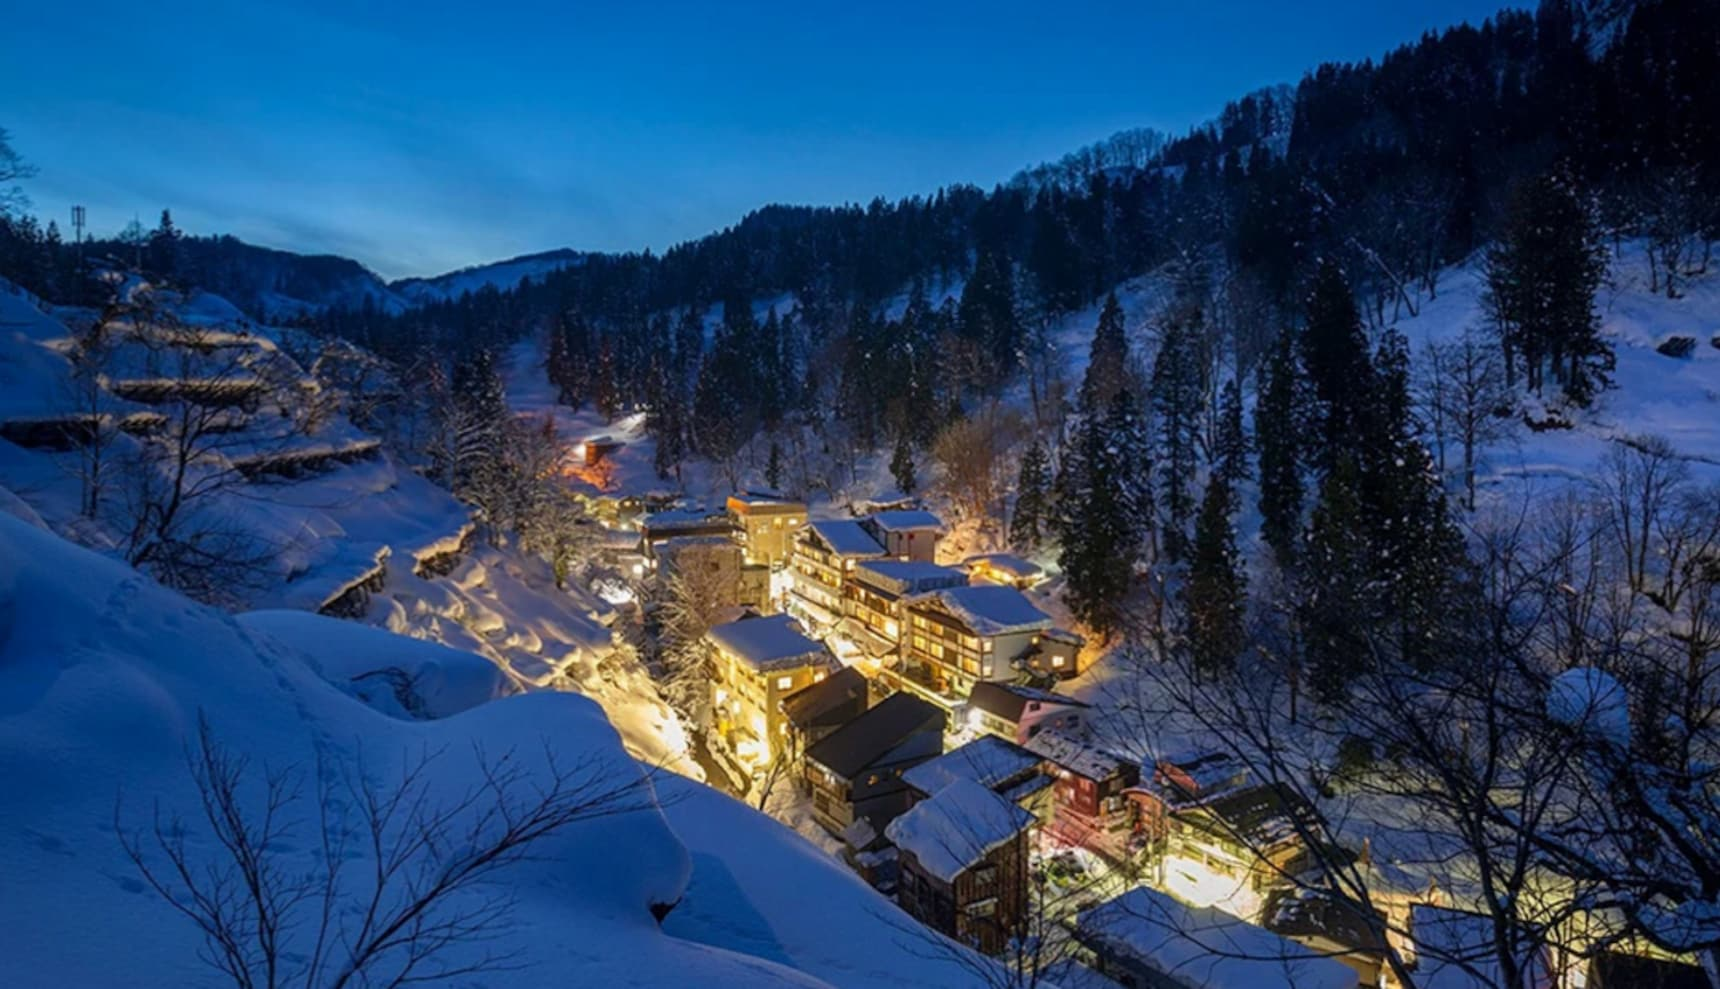 松之山温泉祭―在被积雪包围的温泉小镇悠閒的边吃边喝边散步吧